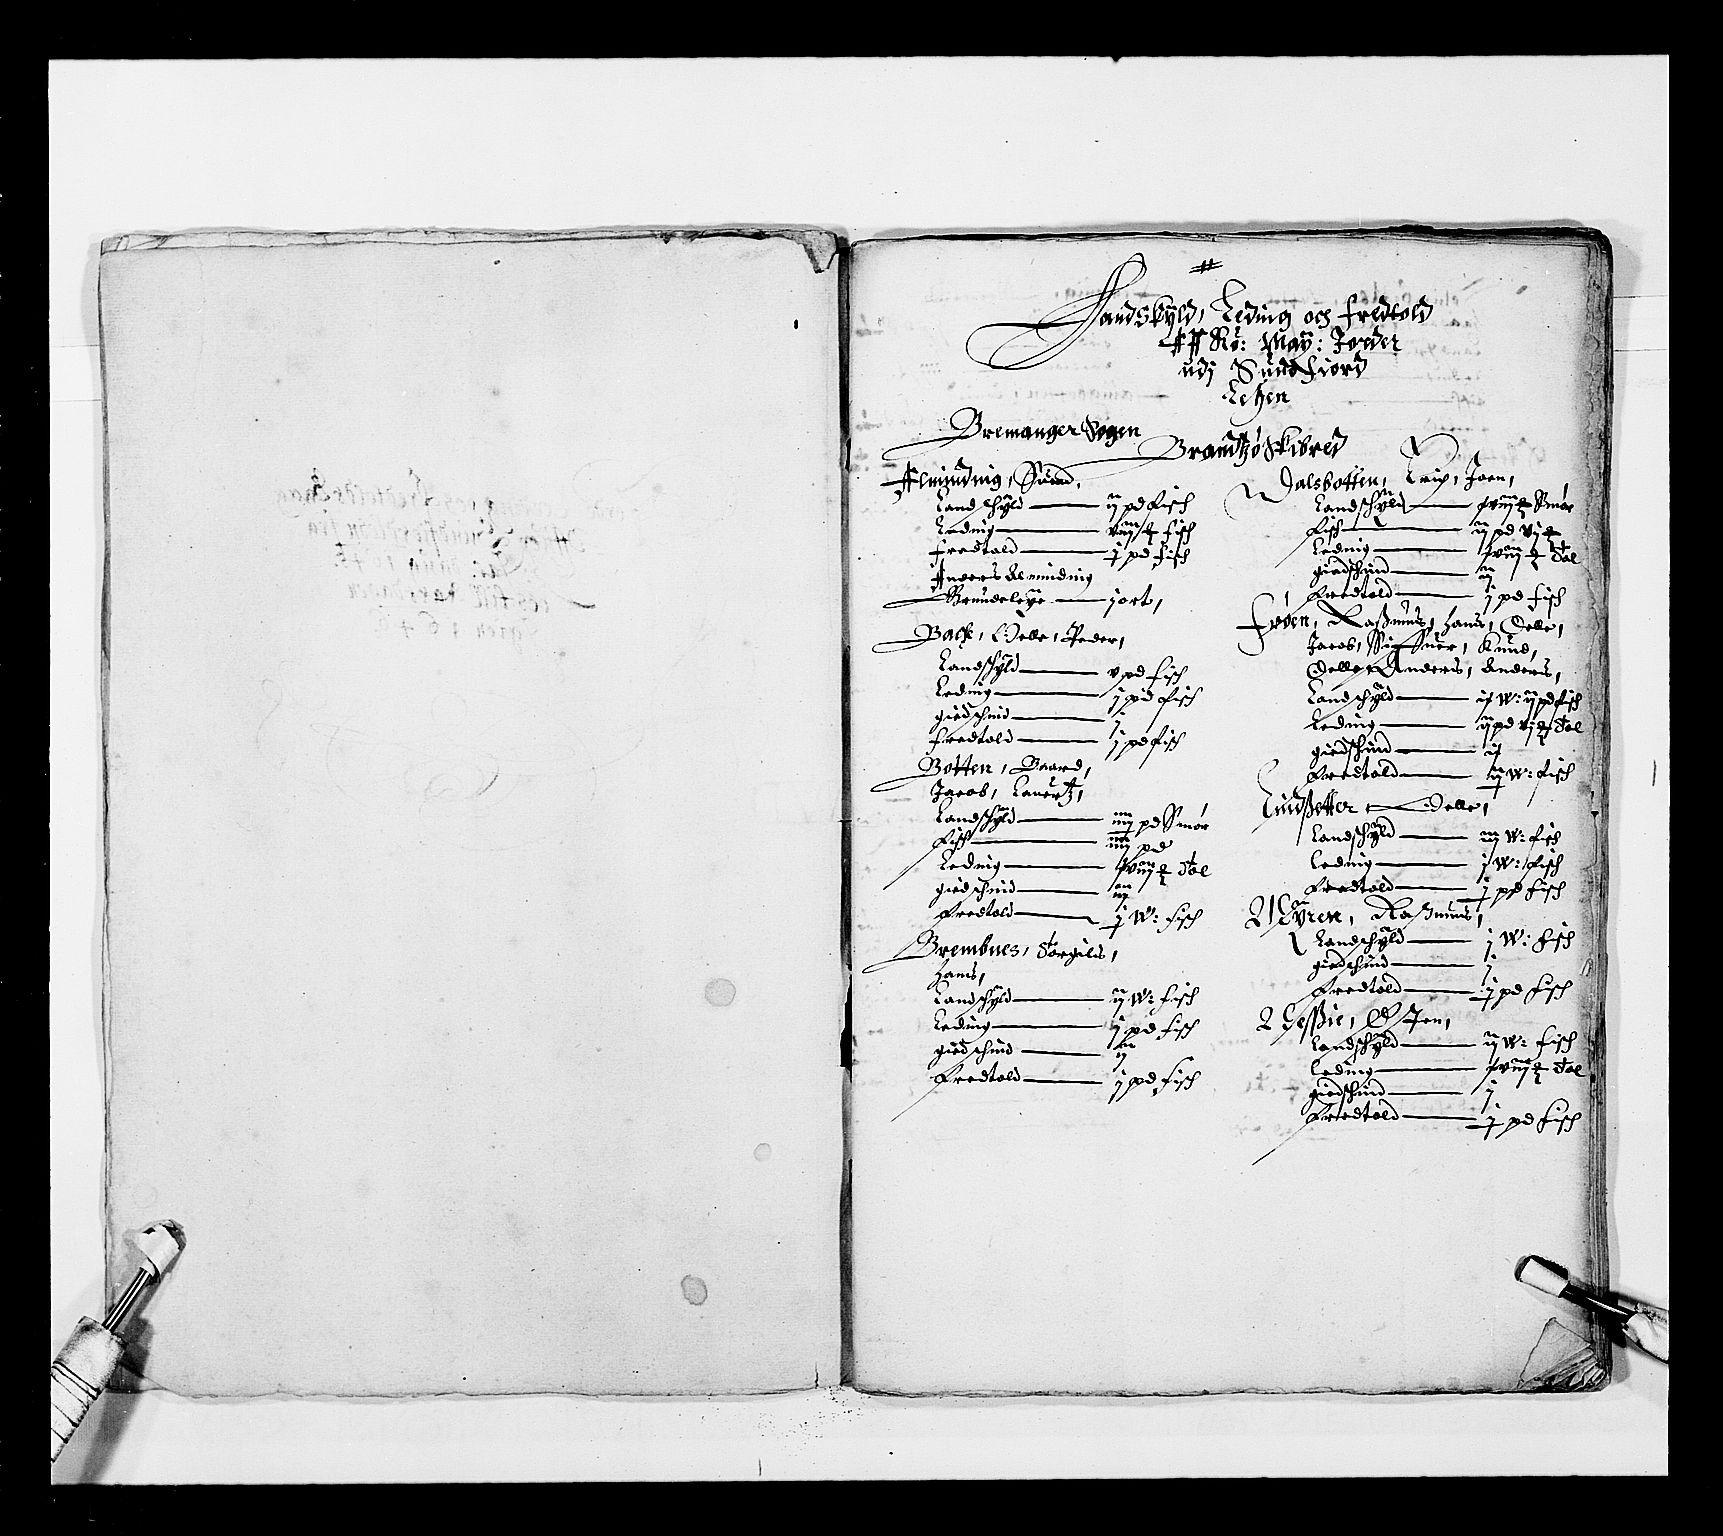 RA, Stattholderembetet 1572-1771, Ek/L0025: Jordebøker 1633-1658:, 1645-1646, s. 150